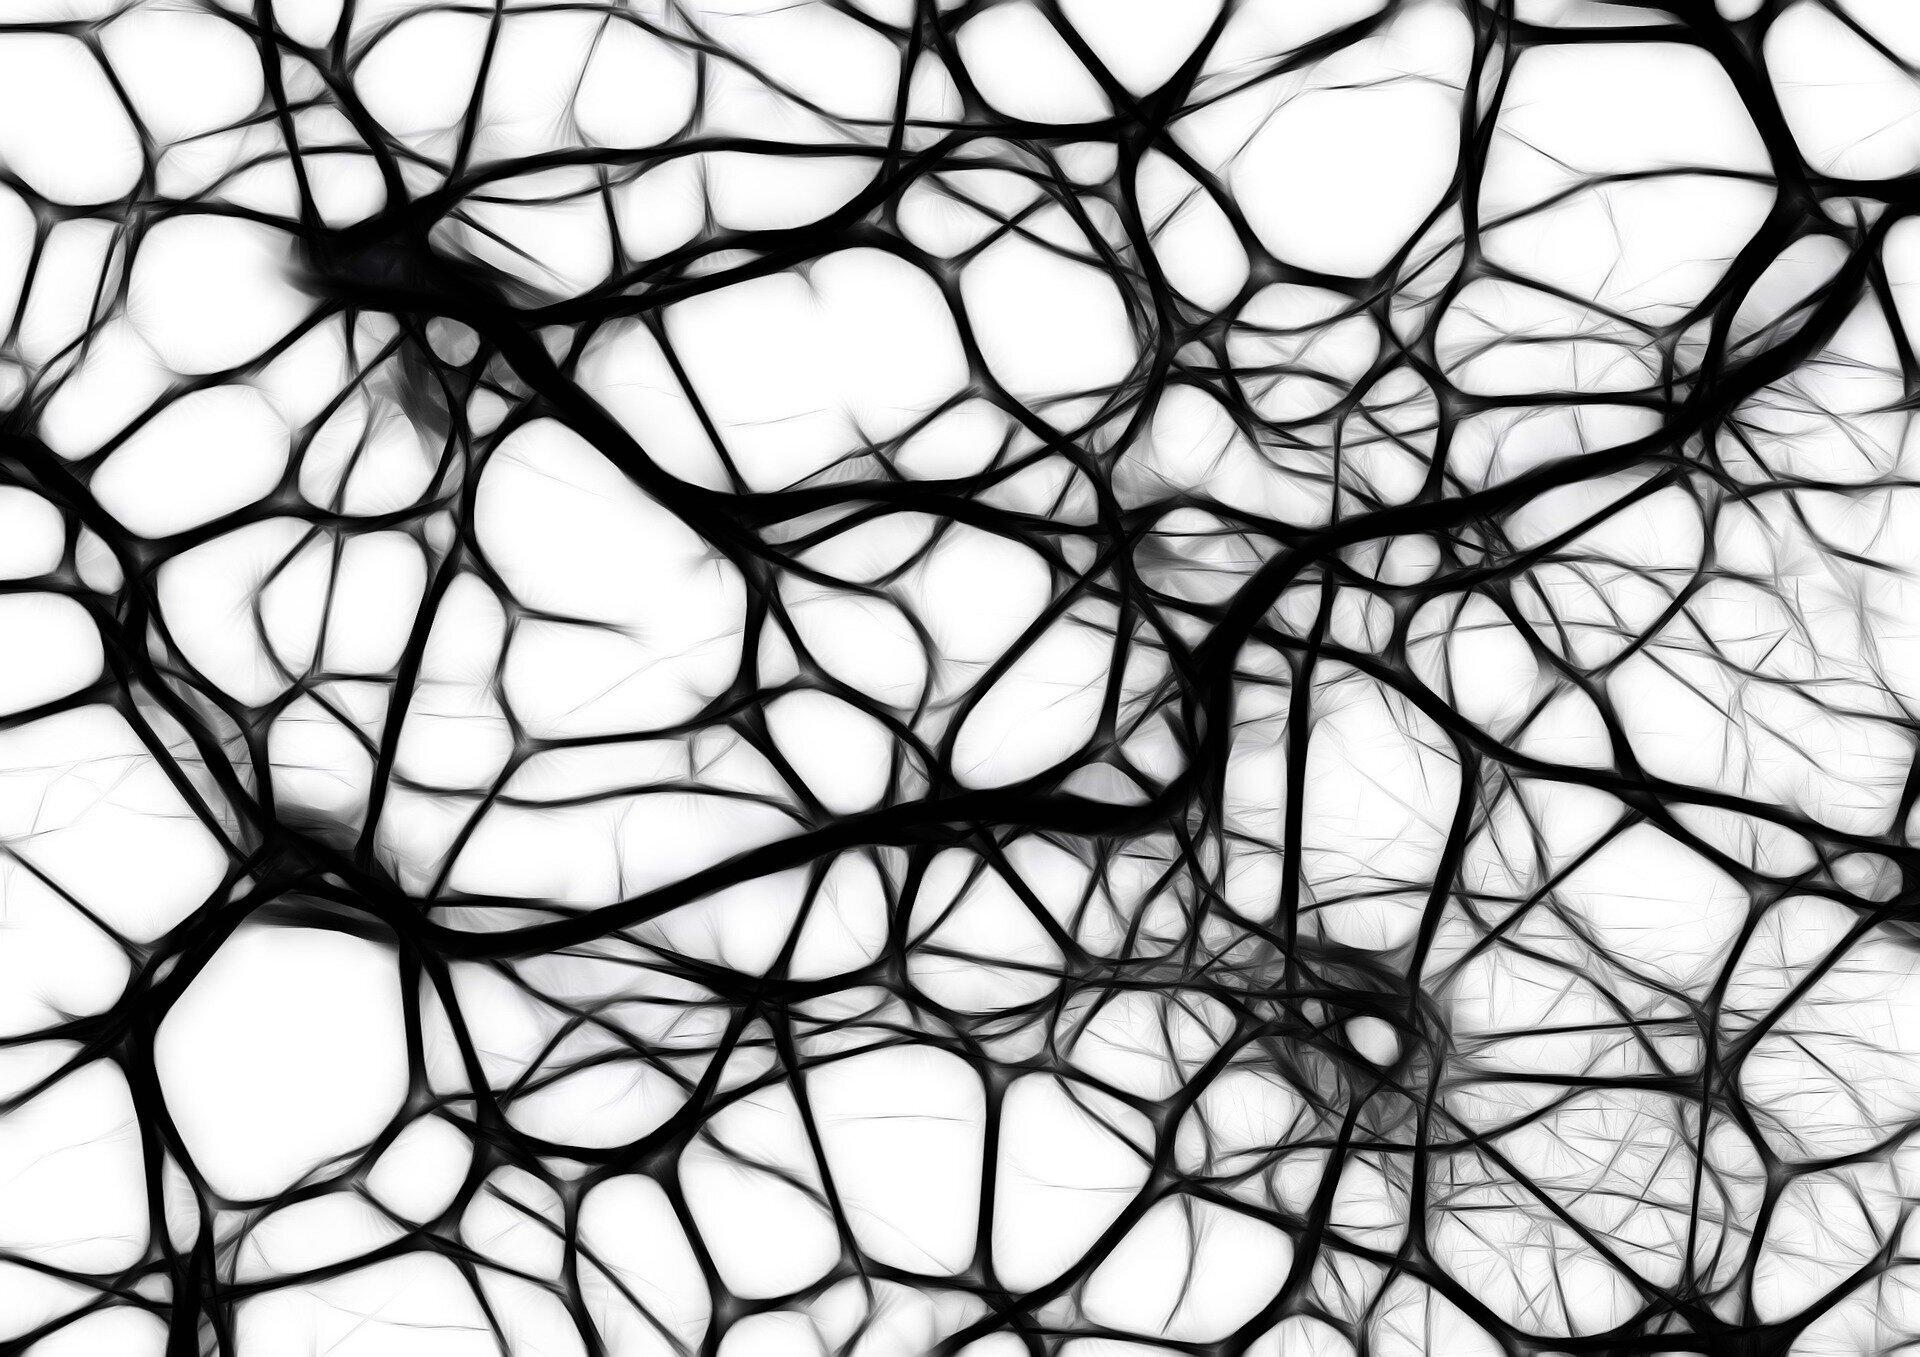 Учёные определили уникальные характеристики нейронов человека